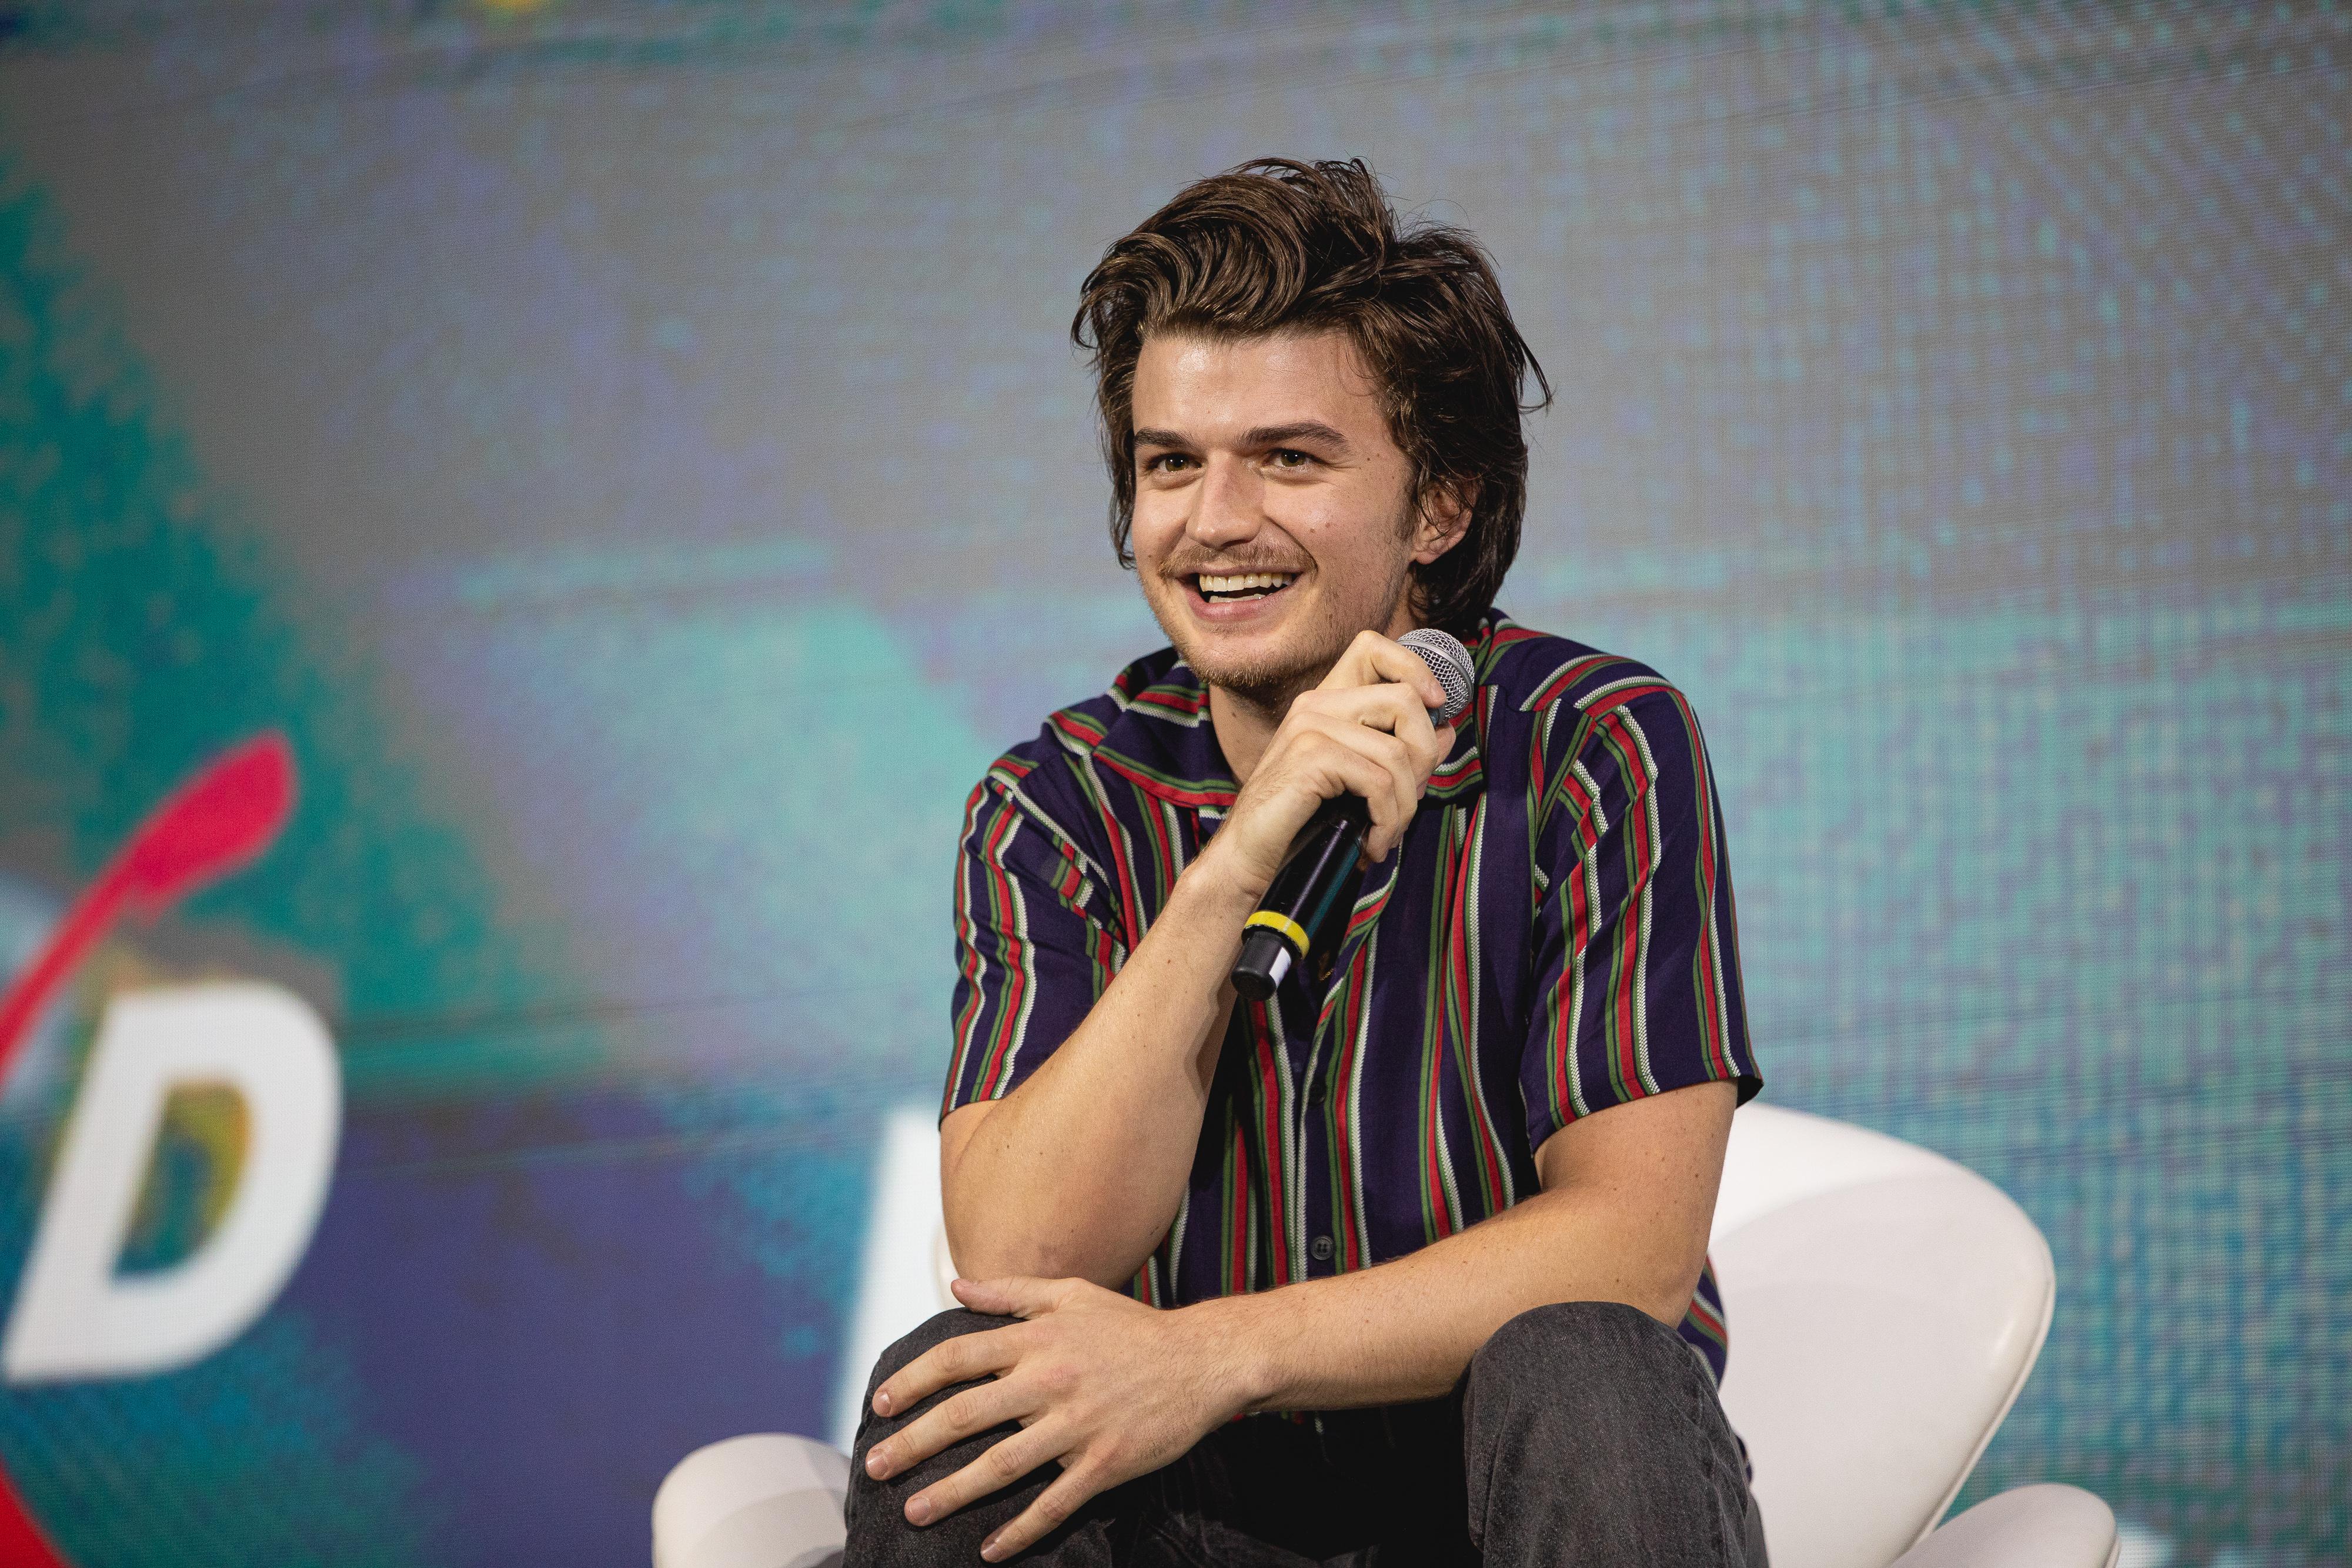 Joe Keery sentado em cadeira branca no palco do painel de Free Guy, na CCXP 2019, em São Paulo; o ator segura o microfone com uma das mãos enquanto a outra repousa em seu joelho, ele sorri observando o público e usa uma camisa listrada em tons de azul escuro, vermelho e verde